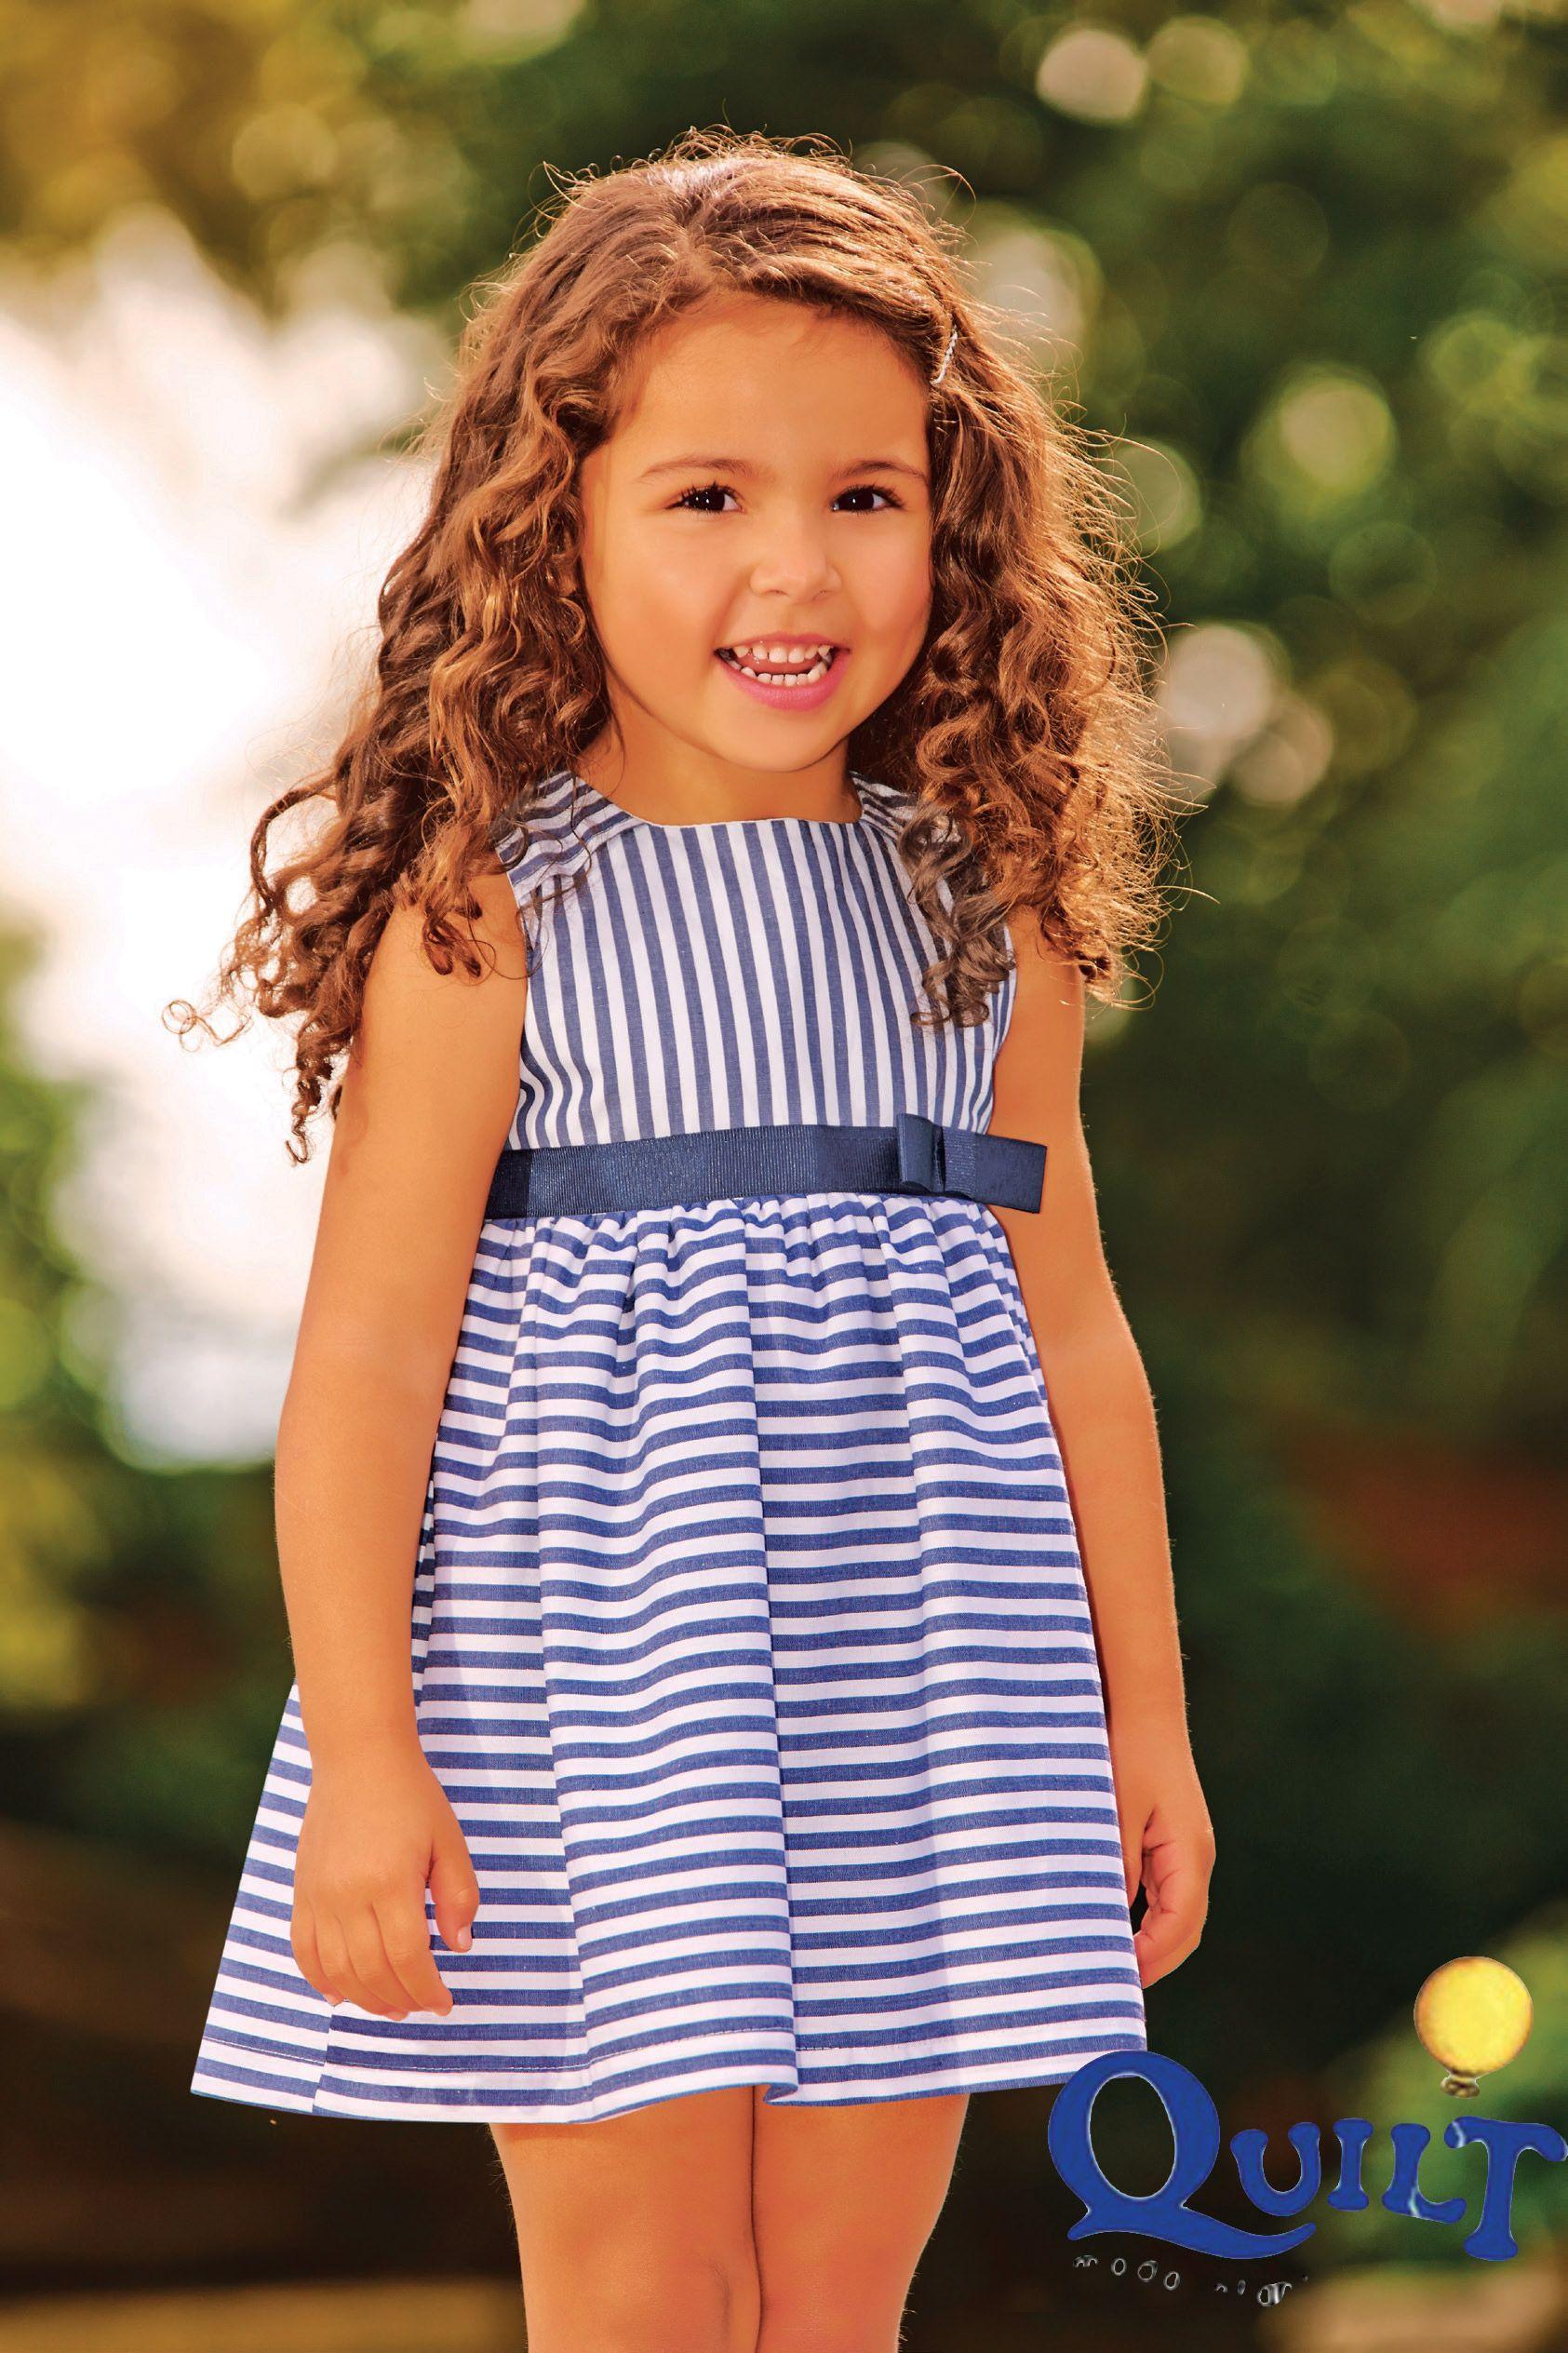 5fcebbd92 Moda Infantil - fashion kids - Vestido Listras Vrasalon em tecido tricoline  forrado, super confortavel, tamanhos 01 ao 04. Compre pela loja online > ...